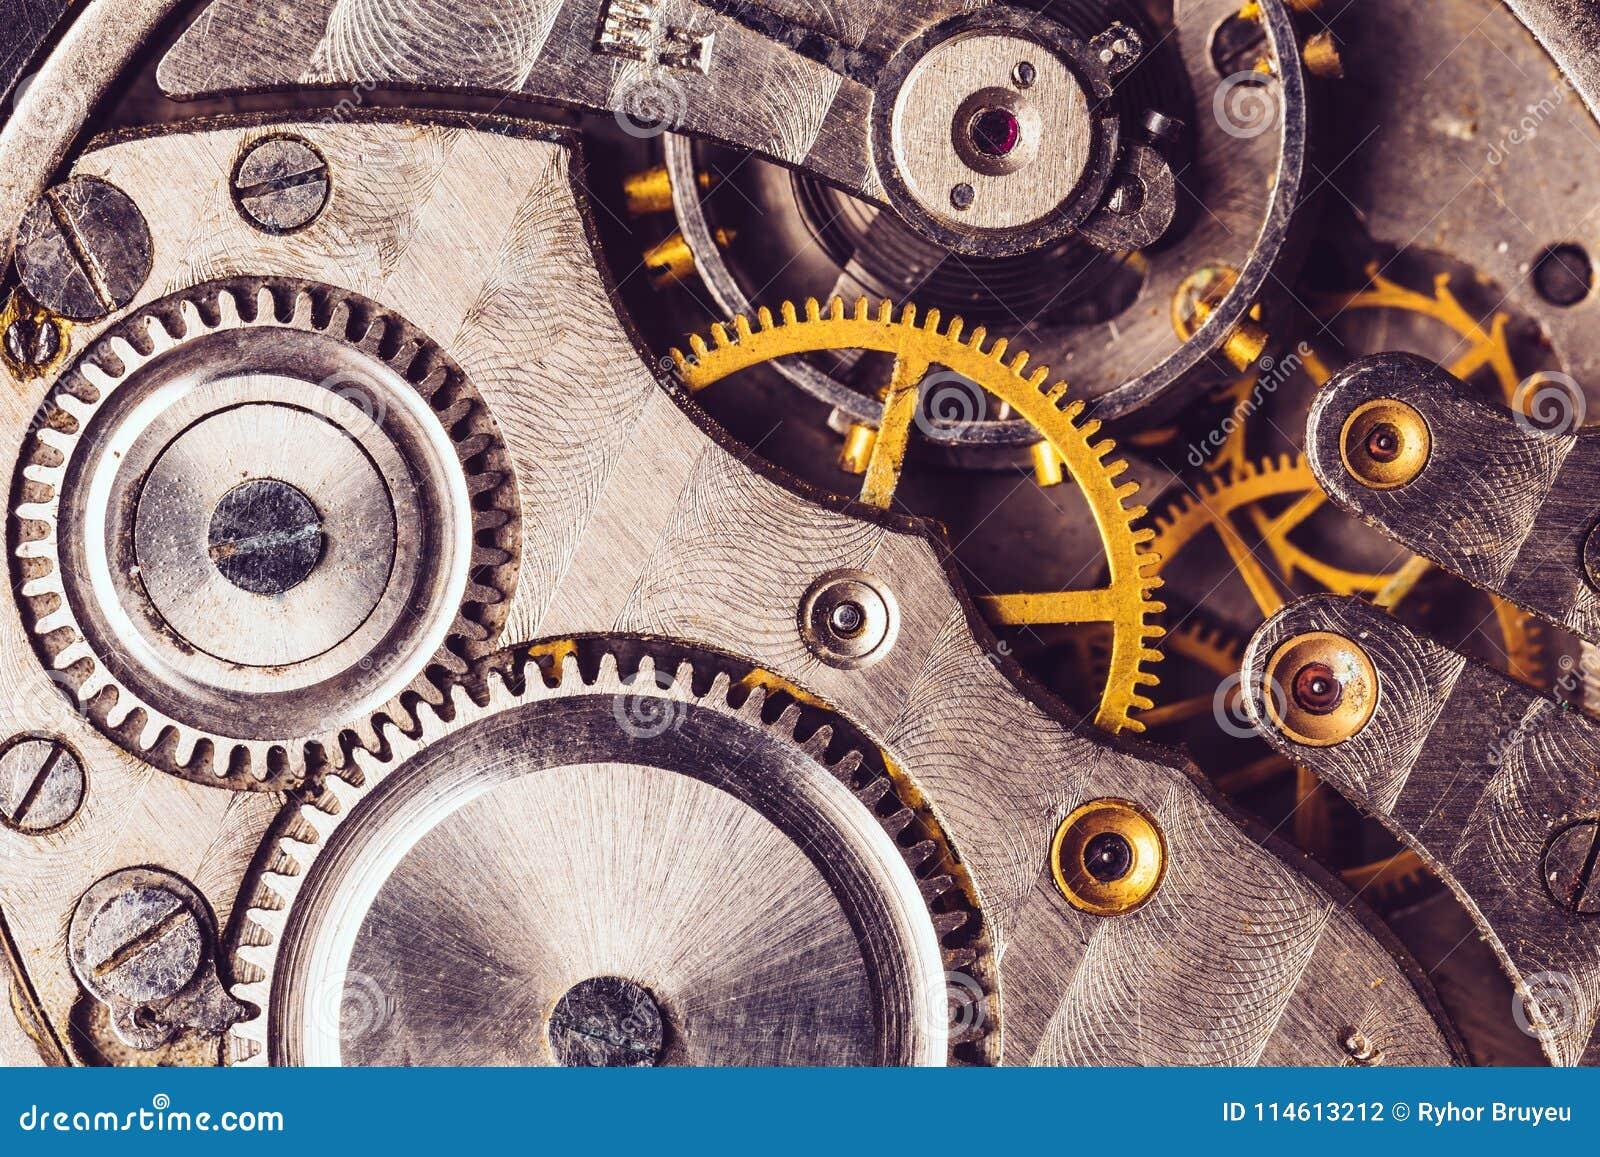 Fundo do maquinismo de relojoaria Mecanismo velho do relógio de pulso de disparo Maquinismo de relojoaria retro